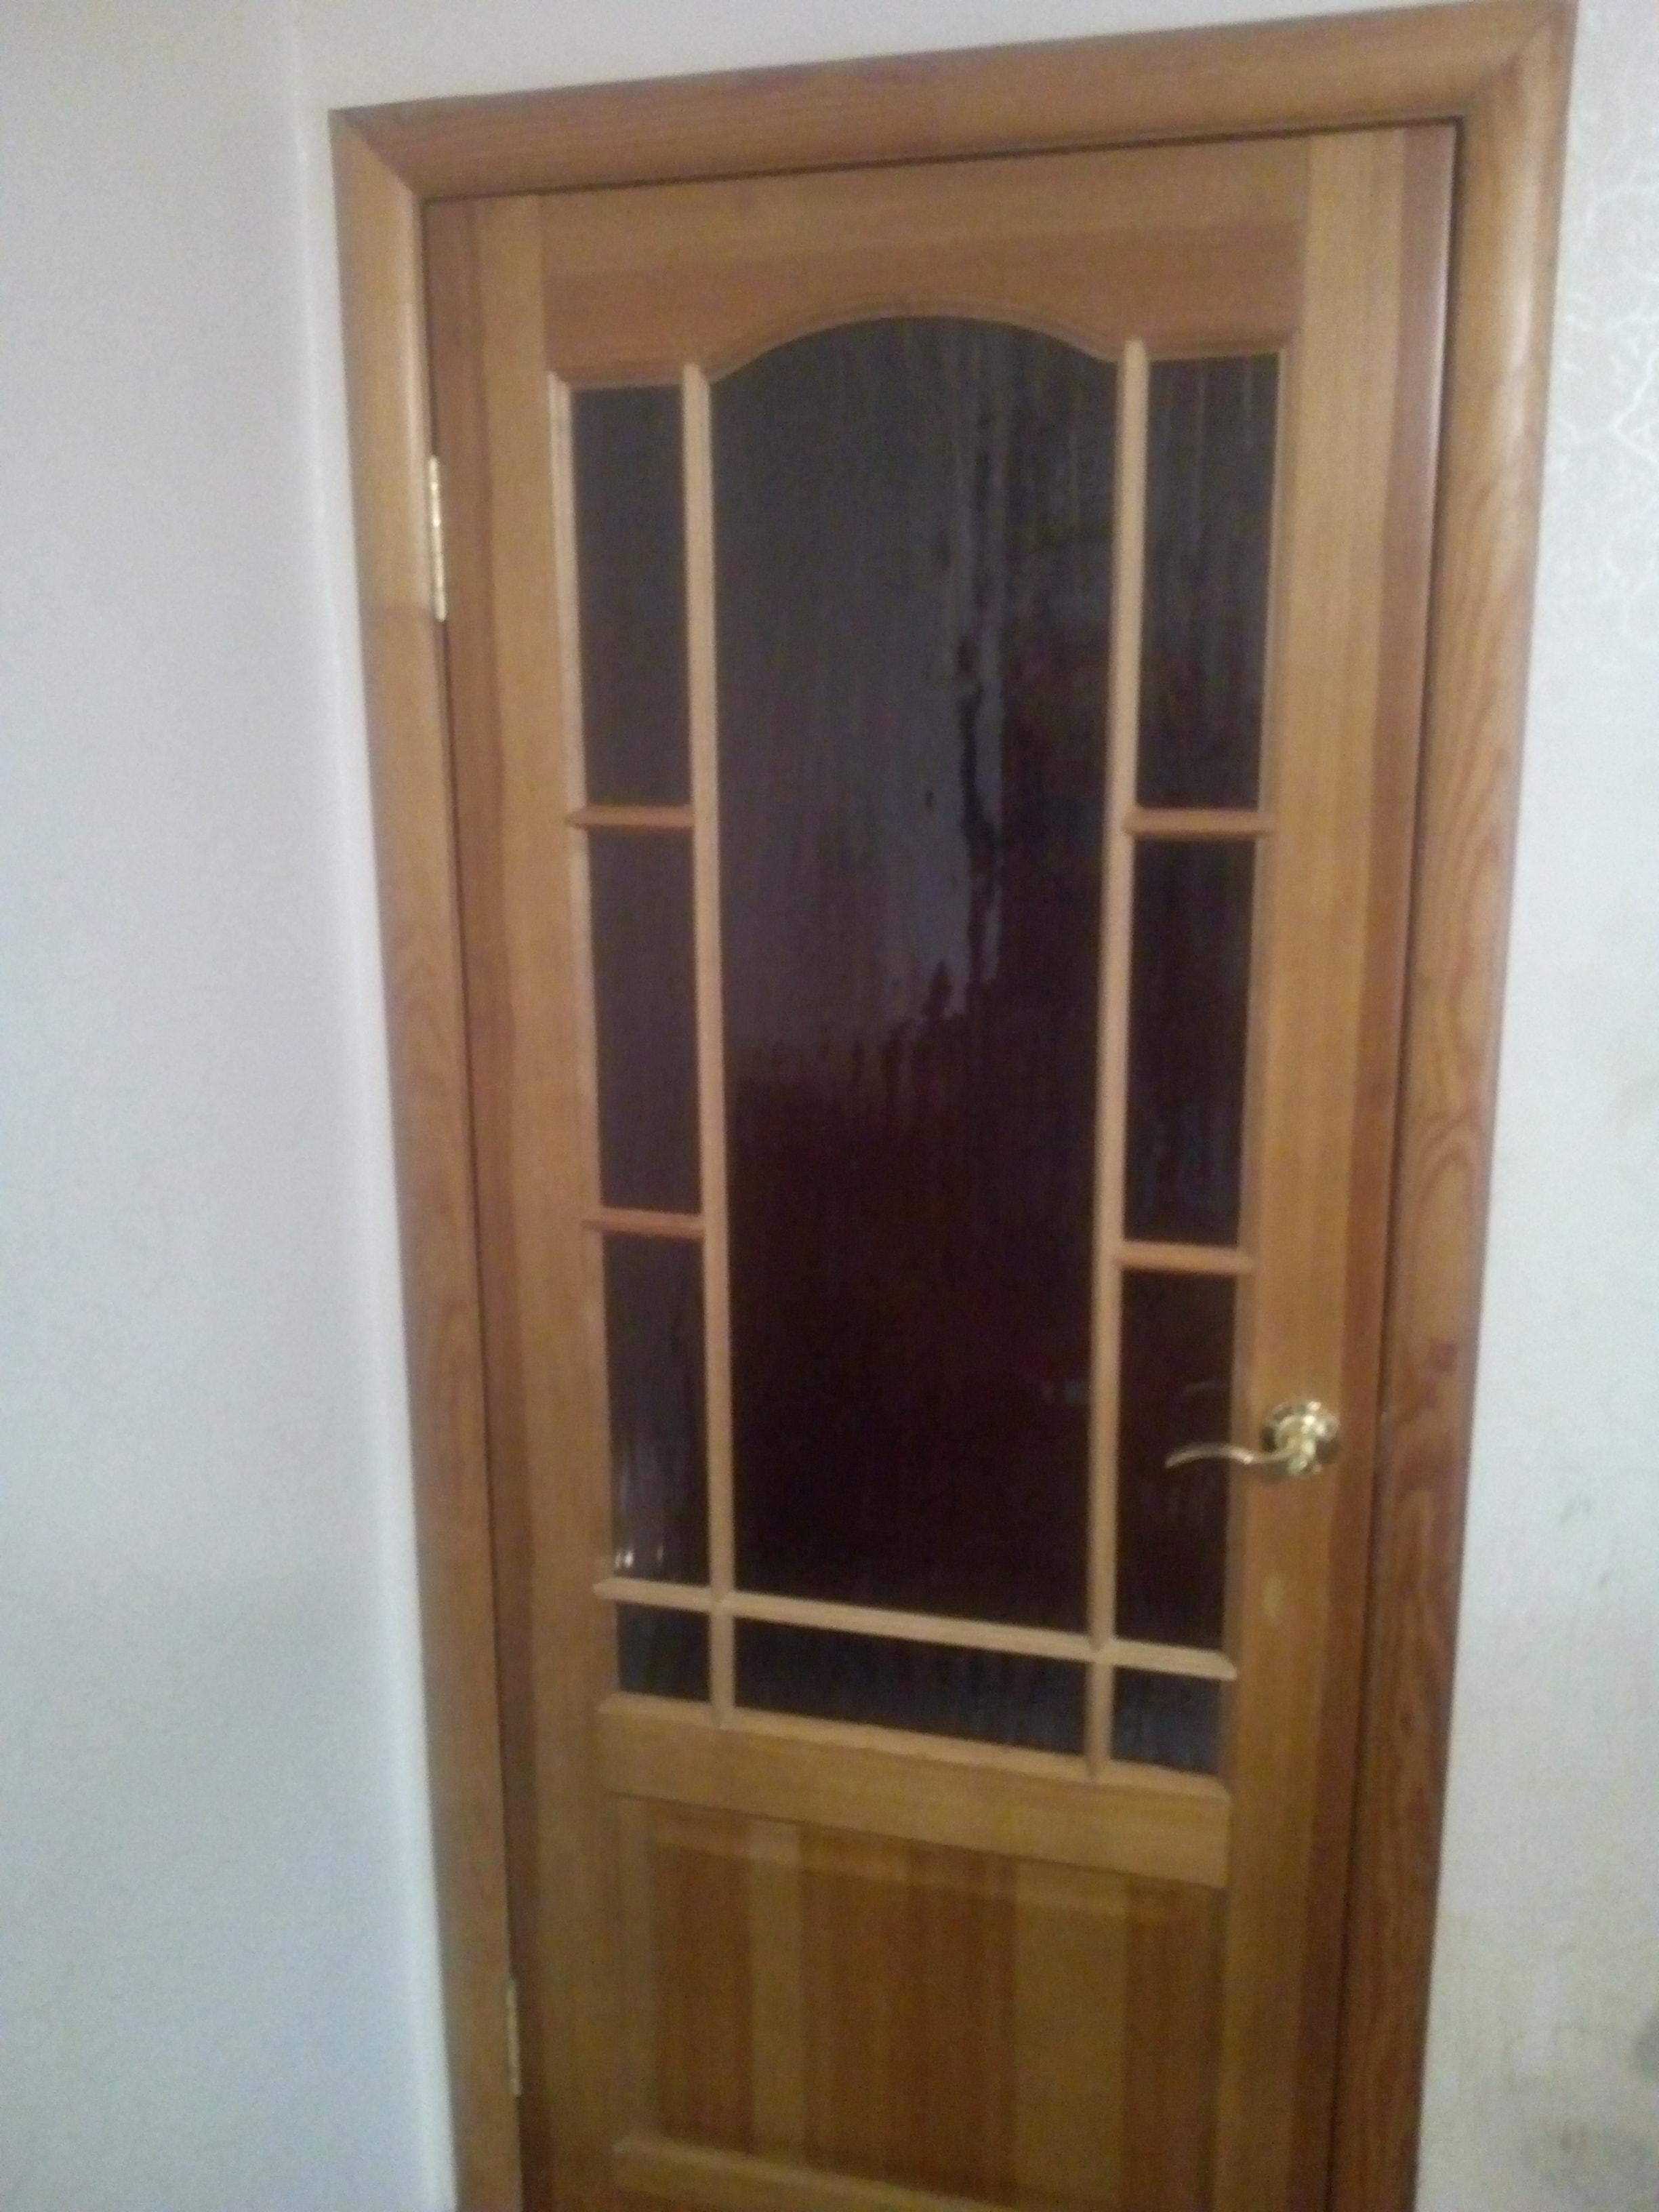 когда ставить двери при ремонте квартиры - установка межкомнатной двери после штукатурных и малярных работ